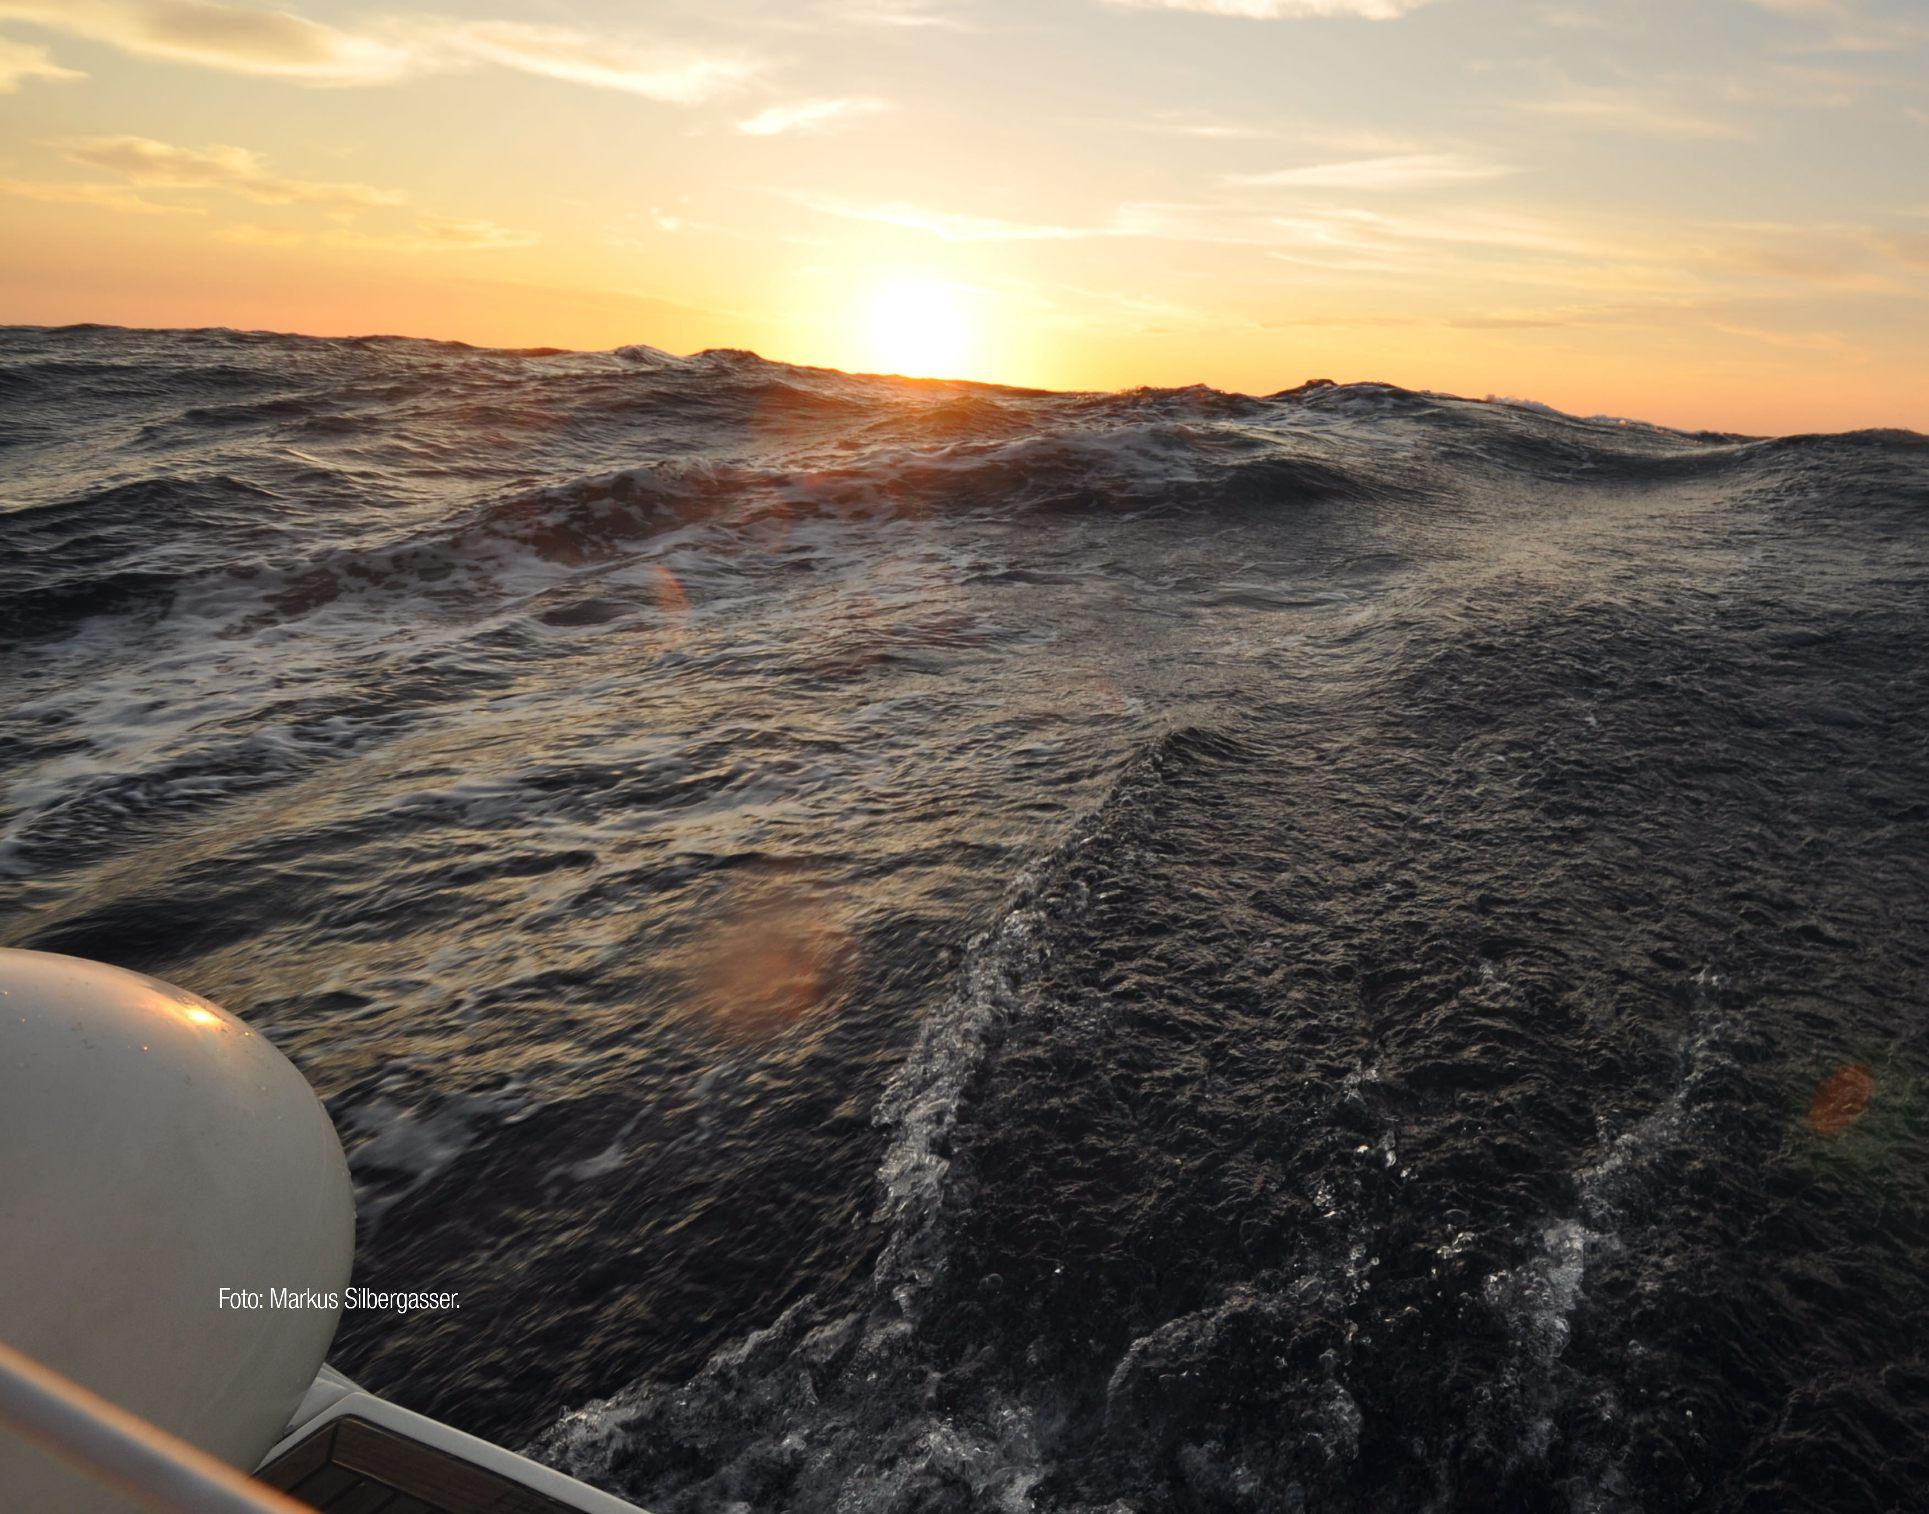 Eine hohe Welle an Bord eines Segelschiffs aufgenommen